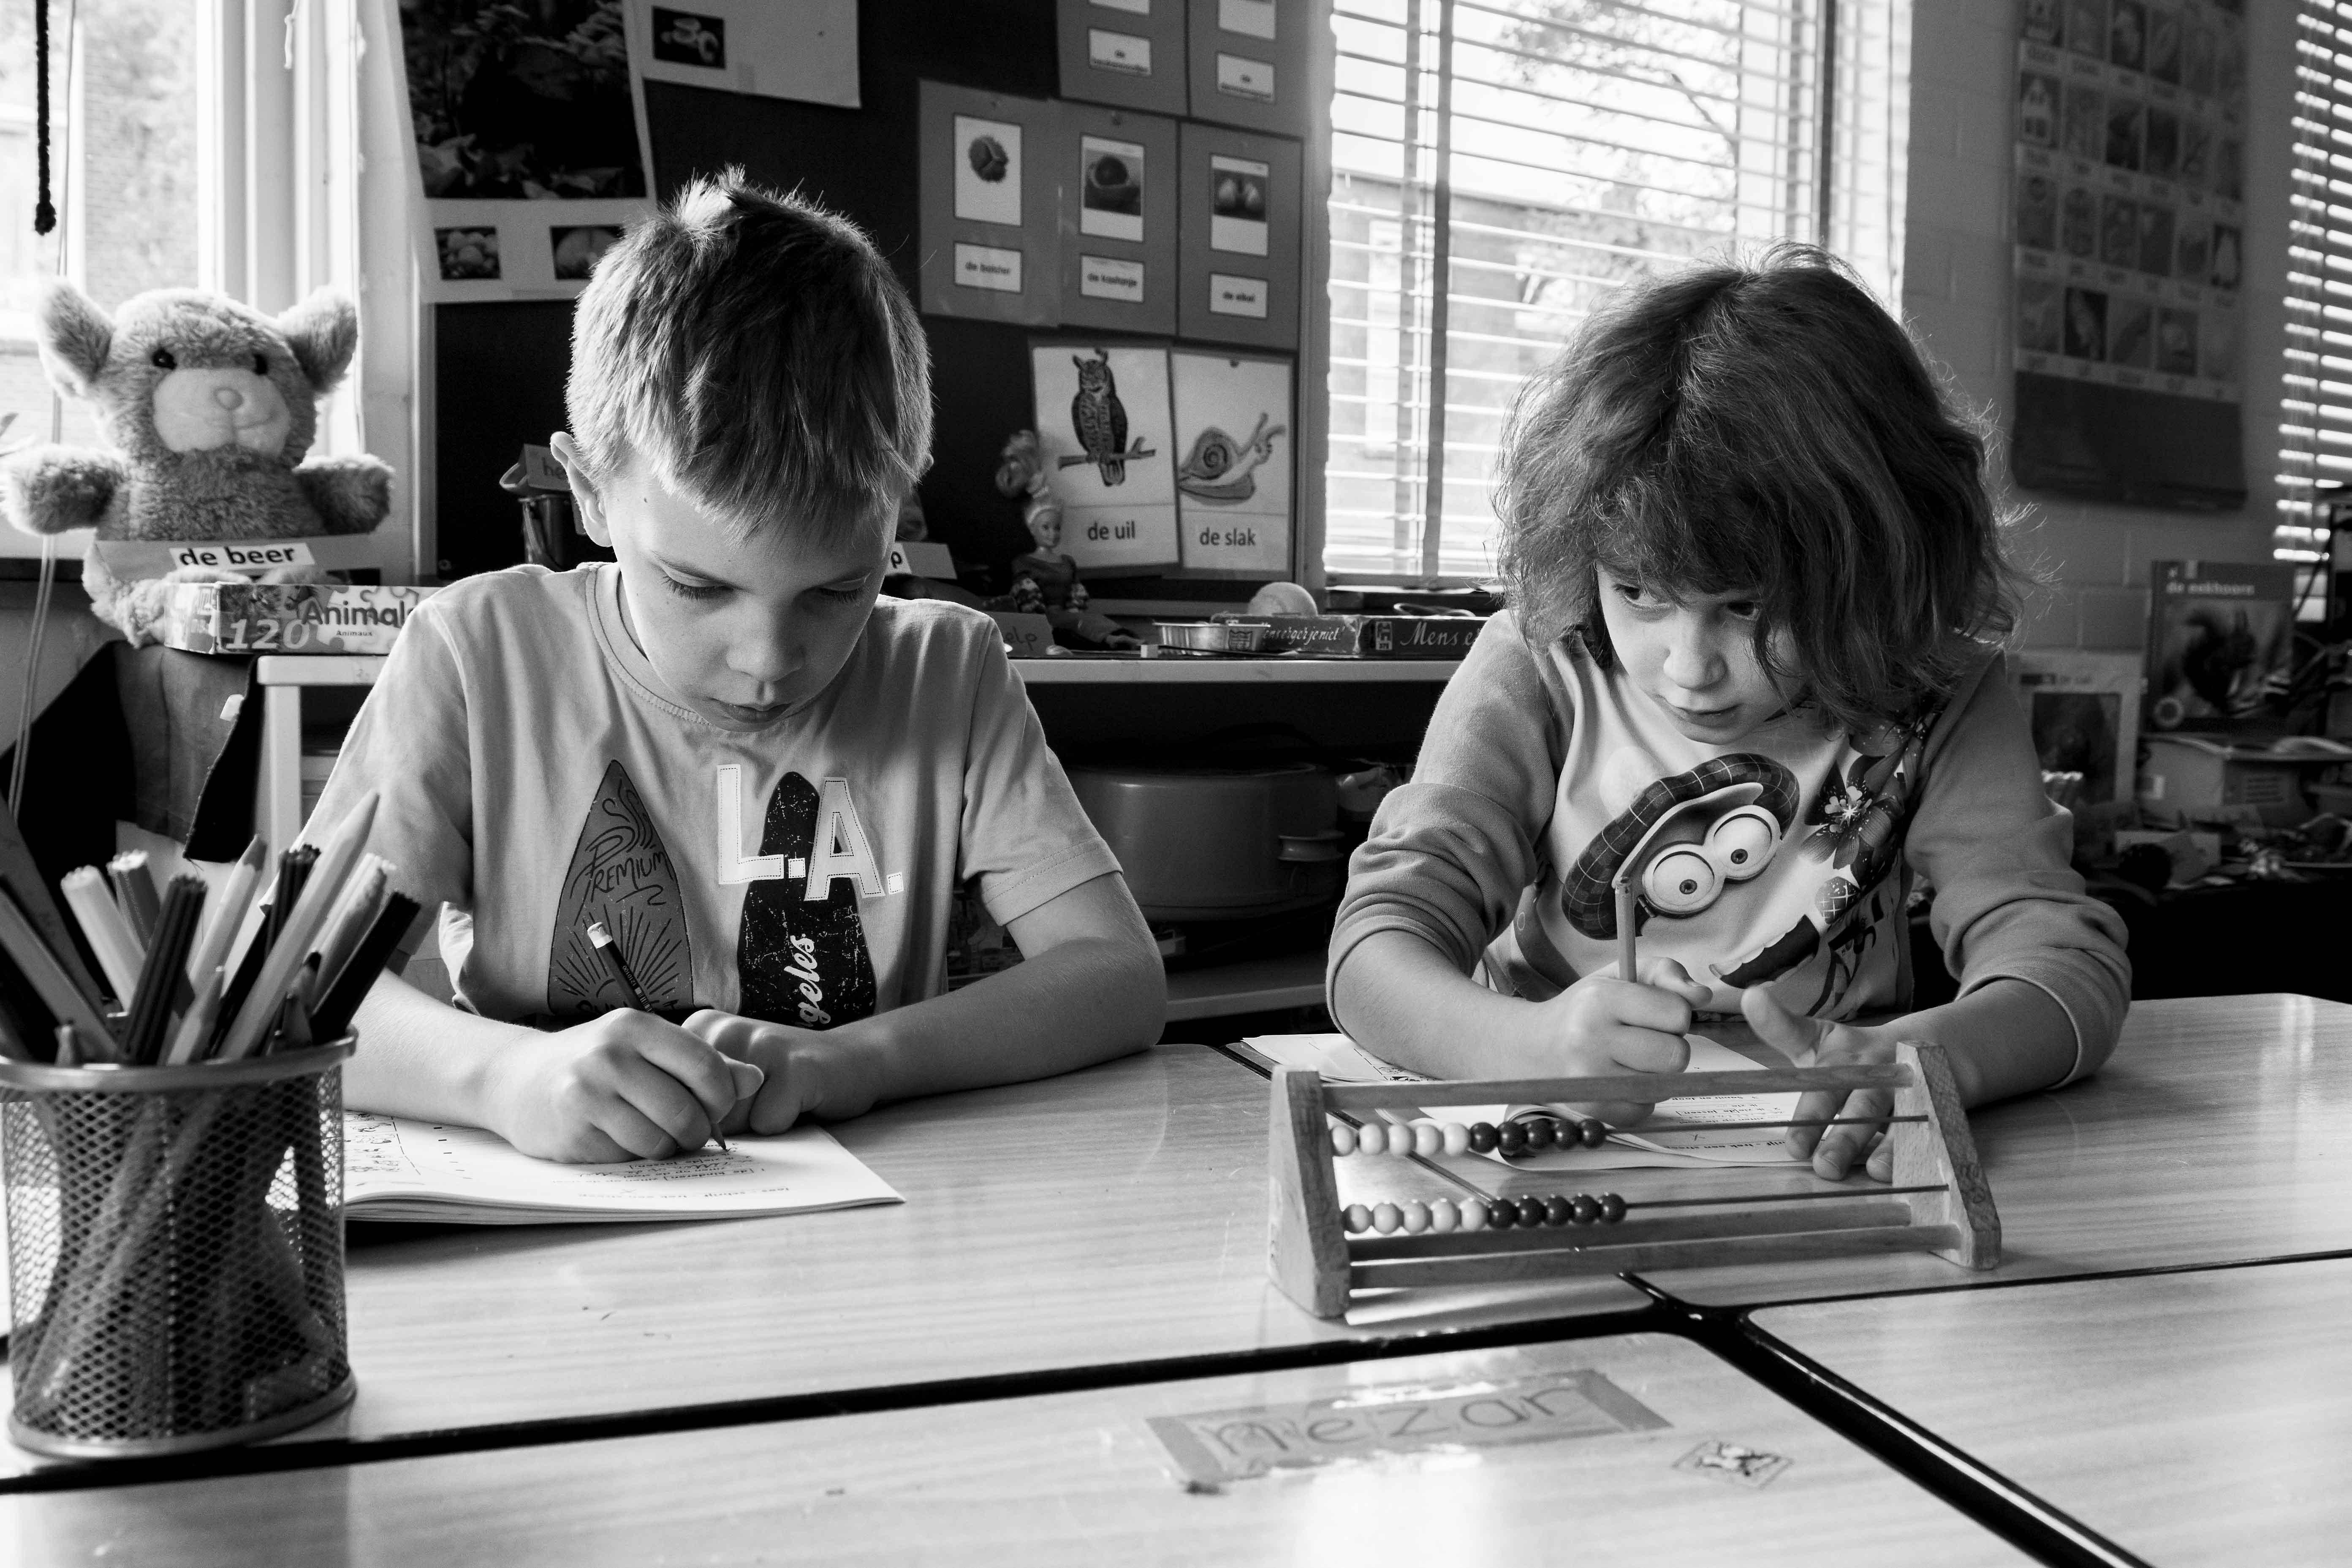 reportage-kinderen-transvaal-denhaag-sop